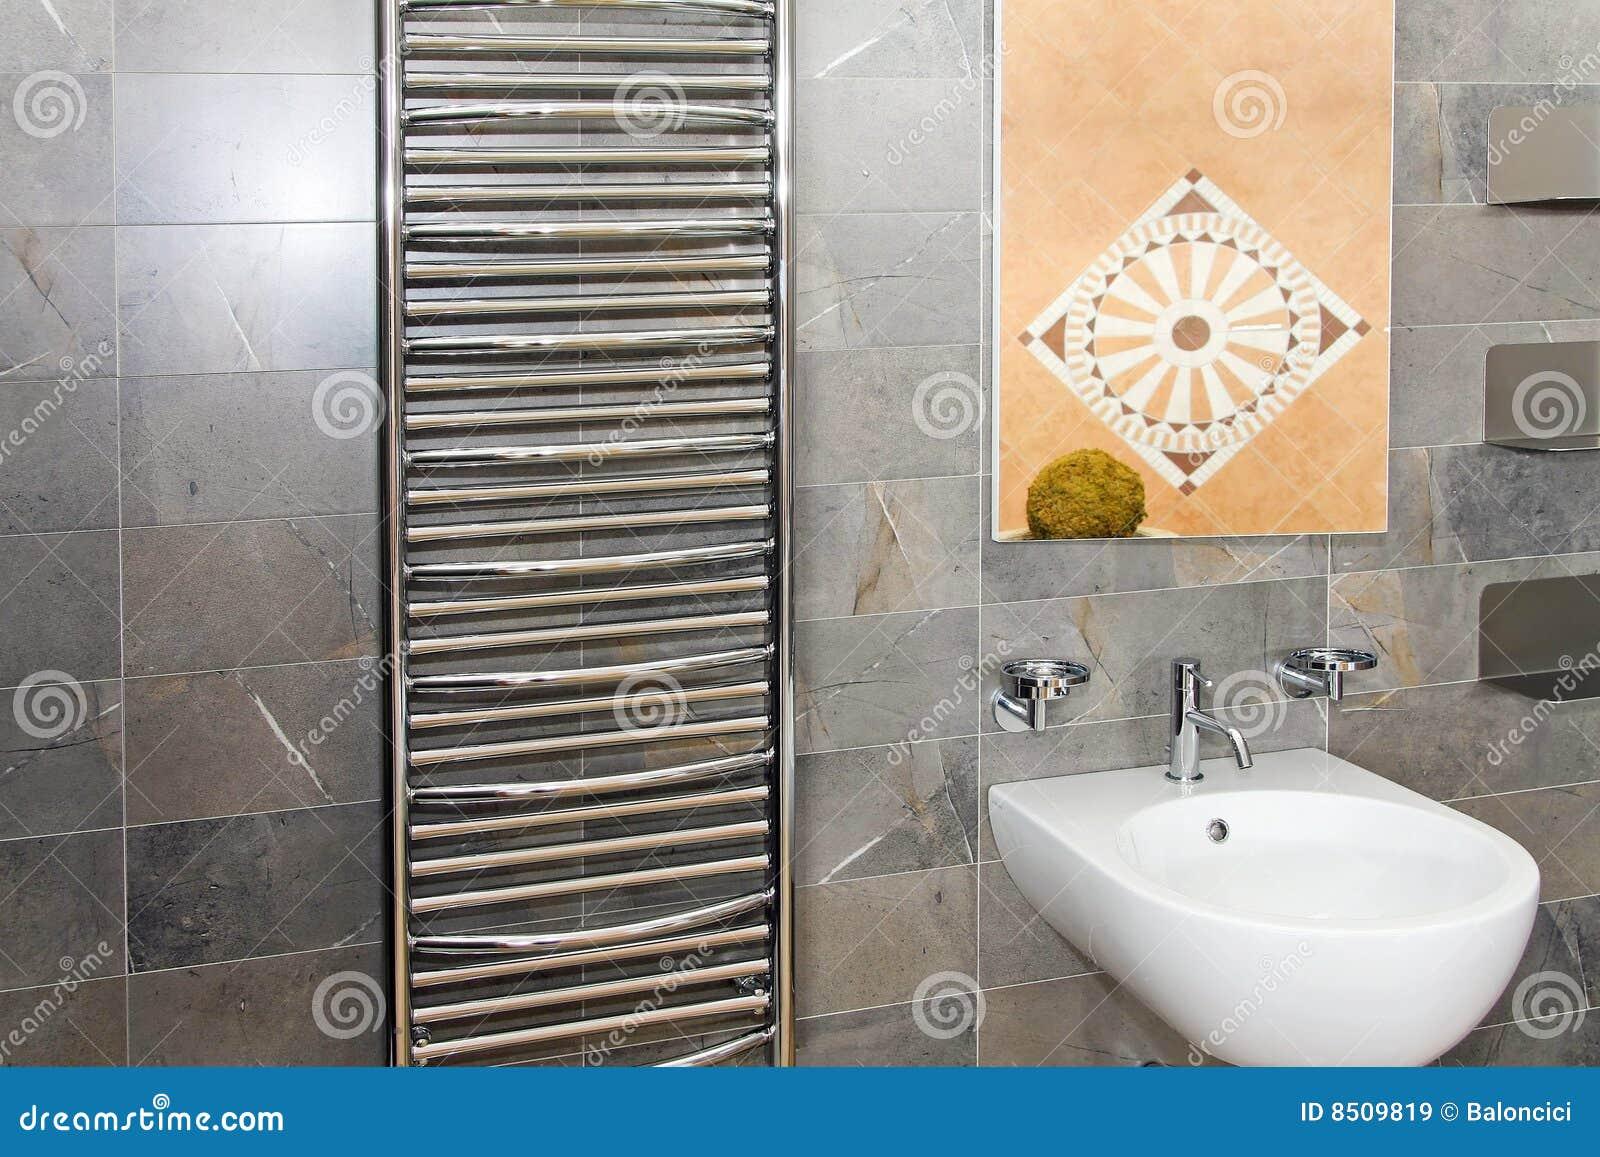 marbre de salle de bains images libres de droits image 8509819. Black Bedroom Furniture Sets. Home Design Ideas